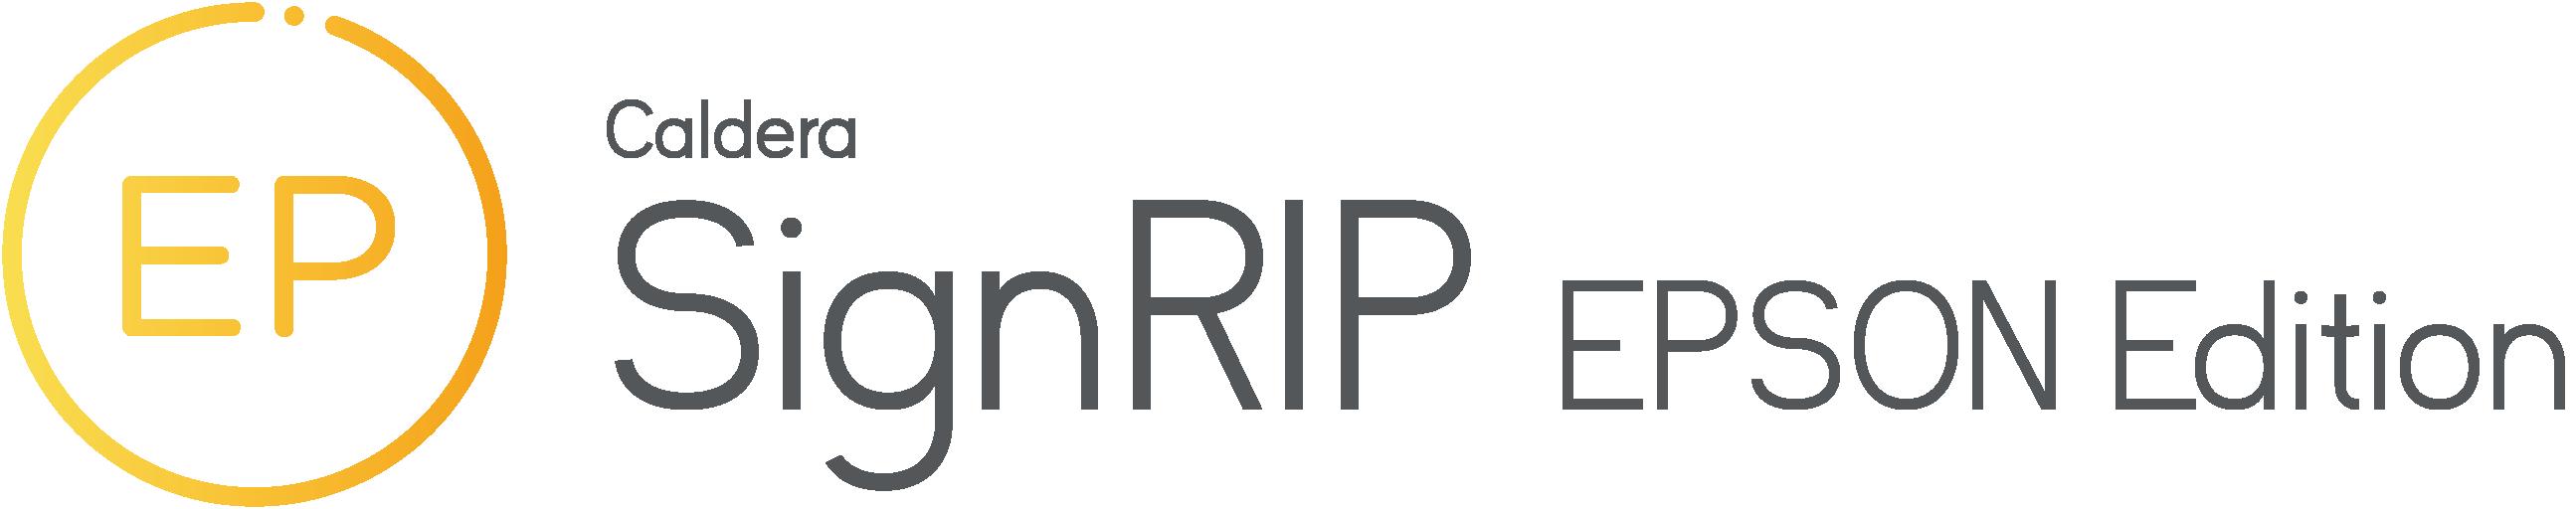 Caldera SignRIP EPSON Edition Logo